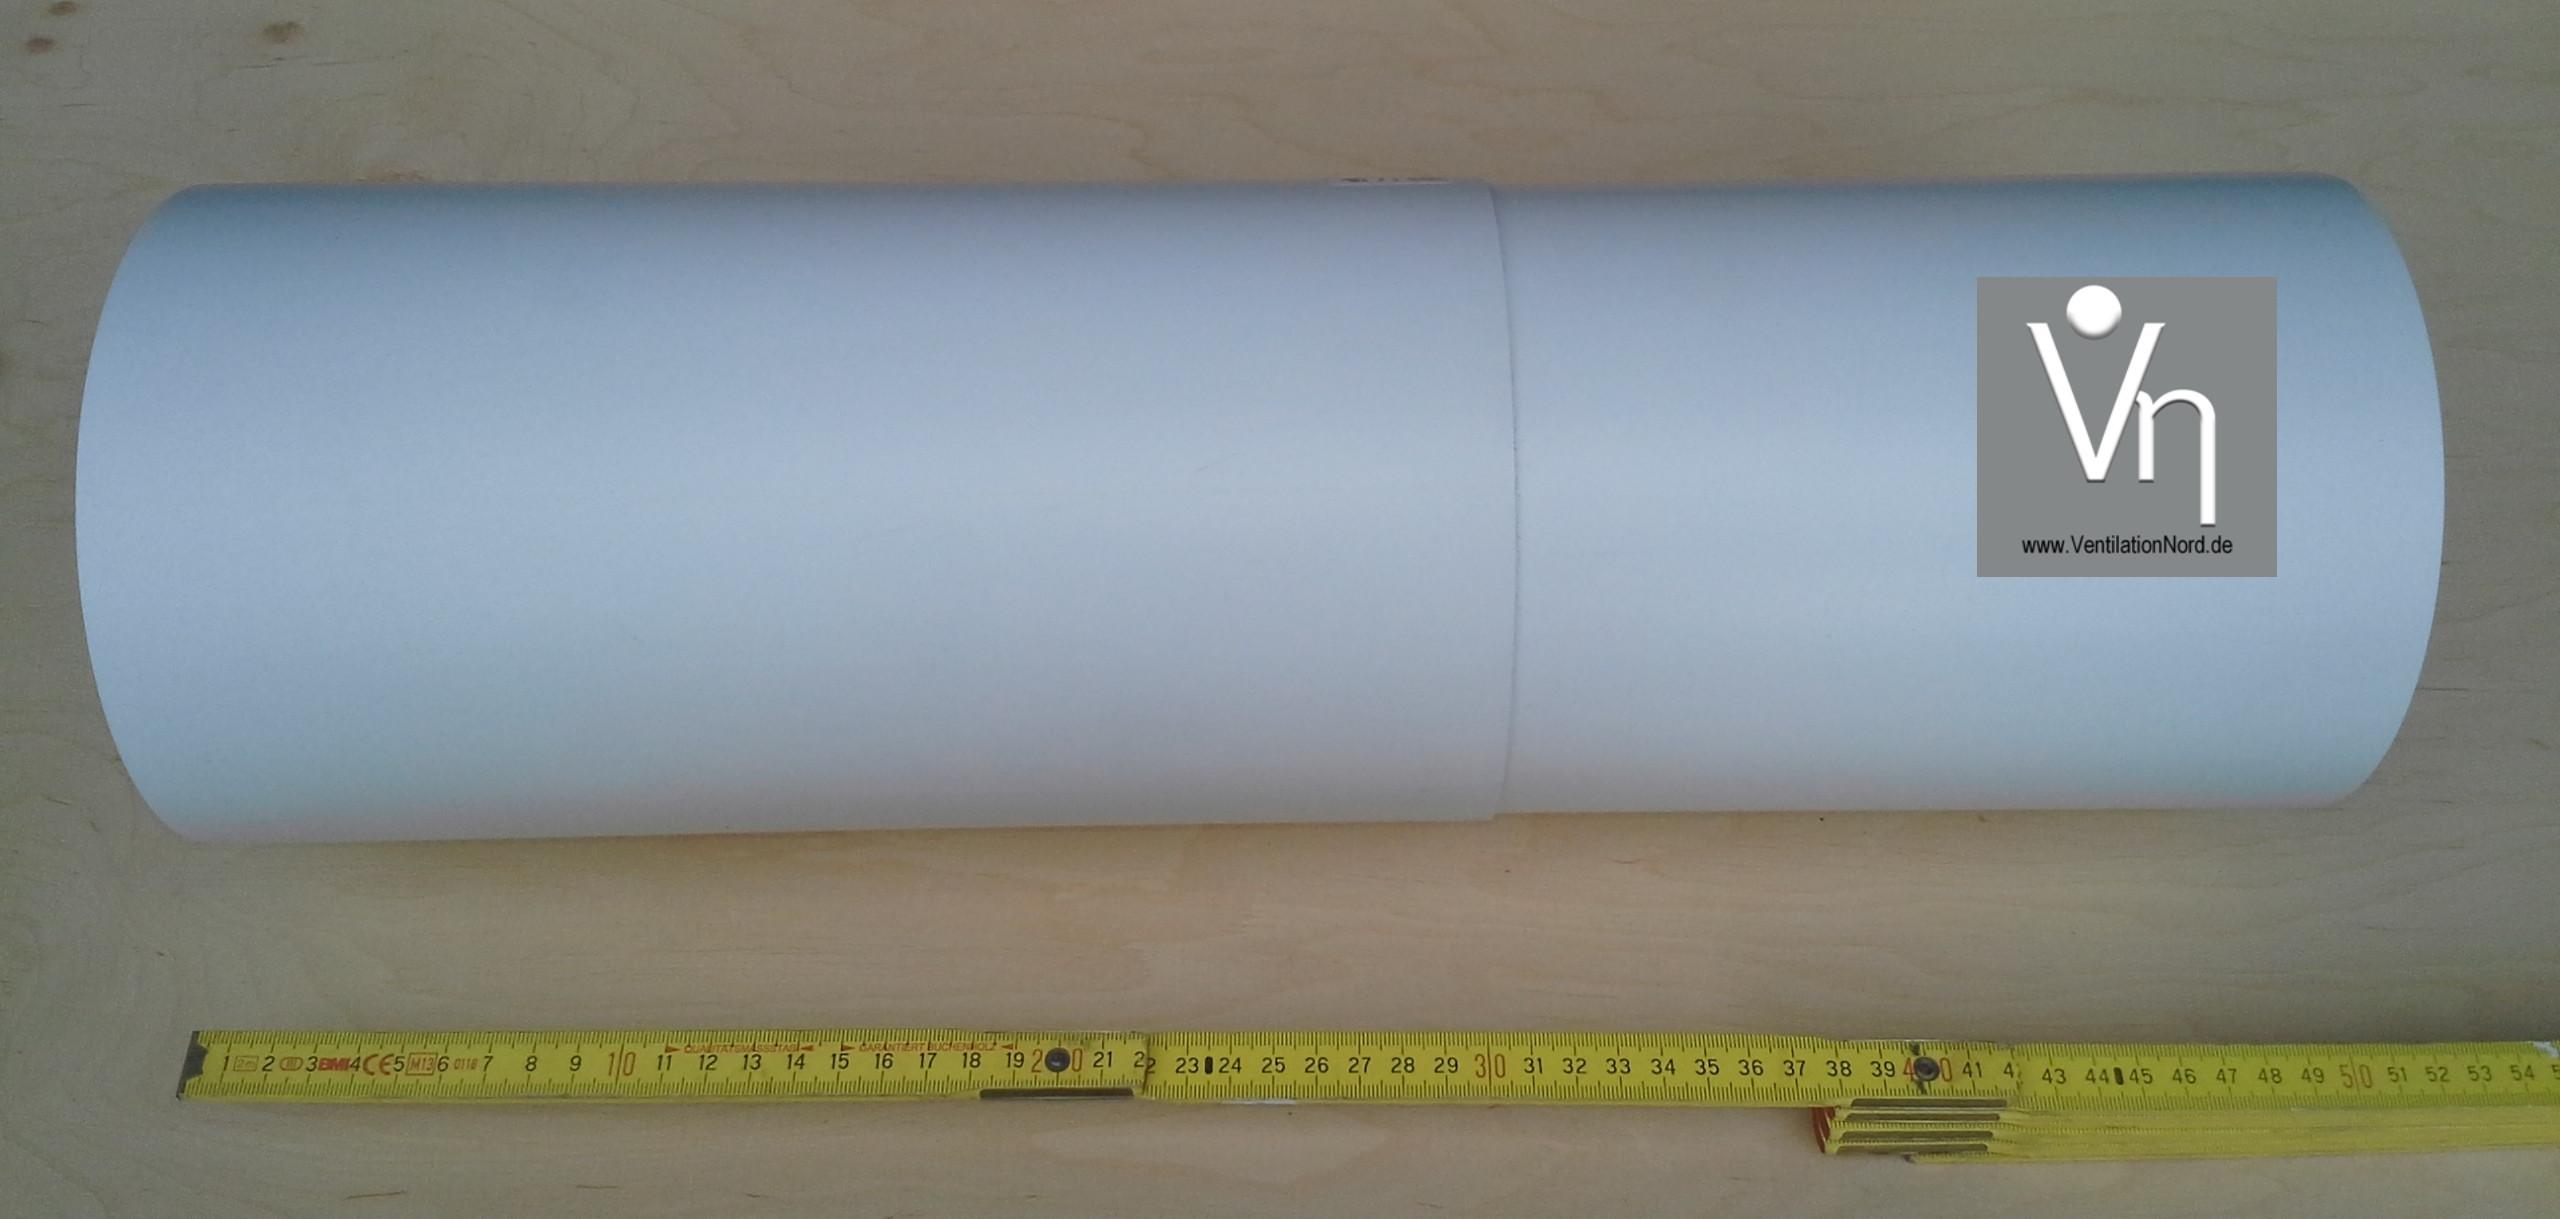 Teleskoprohr-verlängerung Ø100 125 150 für Wandstärken 500-780mm TKV